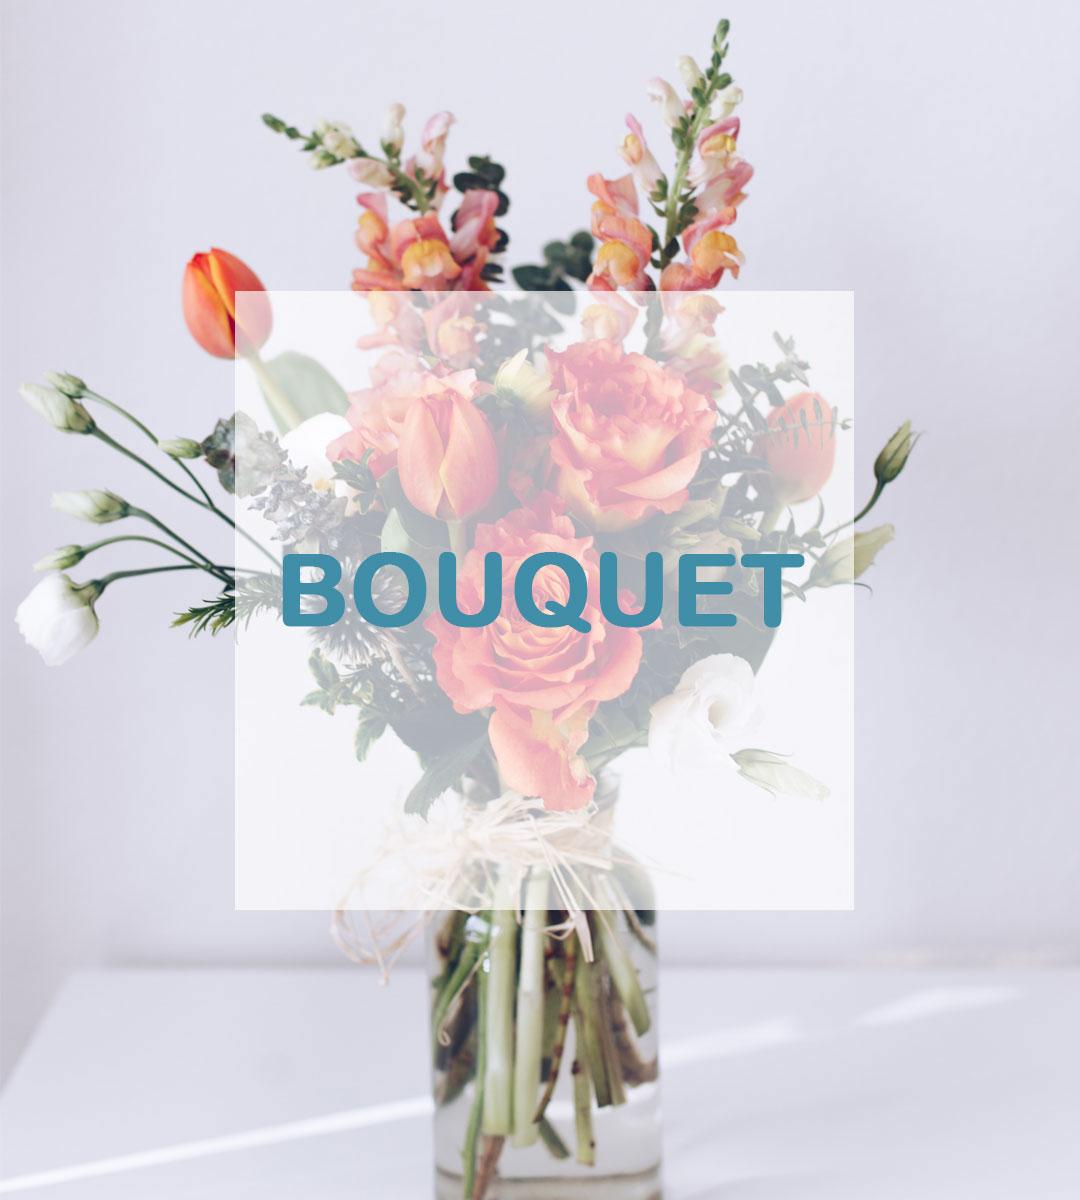 au paradis des fleurs neuville sur saone mariage fleurs lyon deuil livraison bouquet